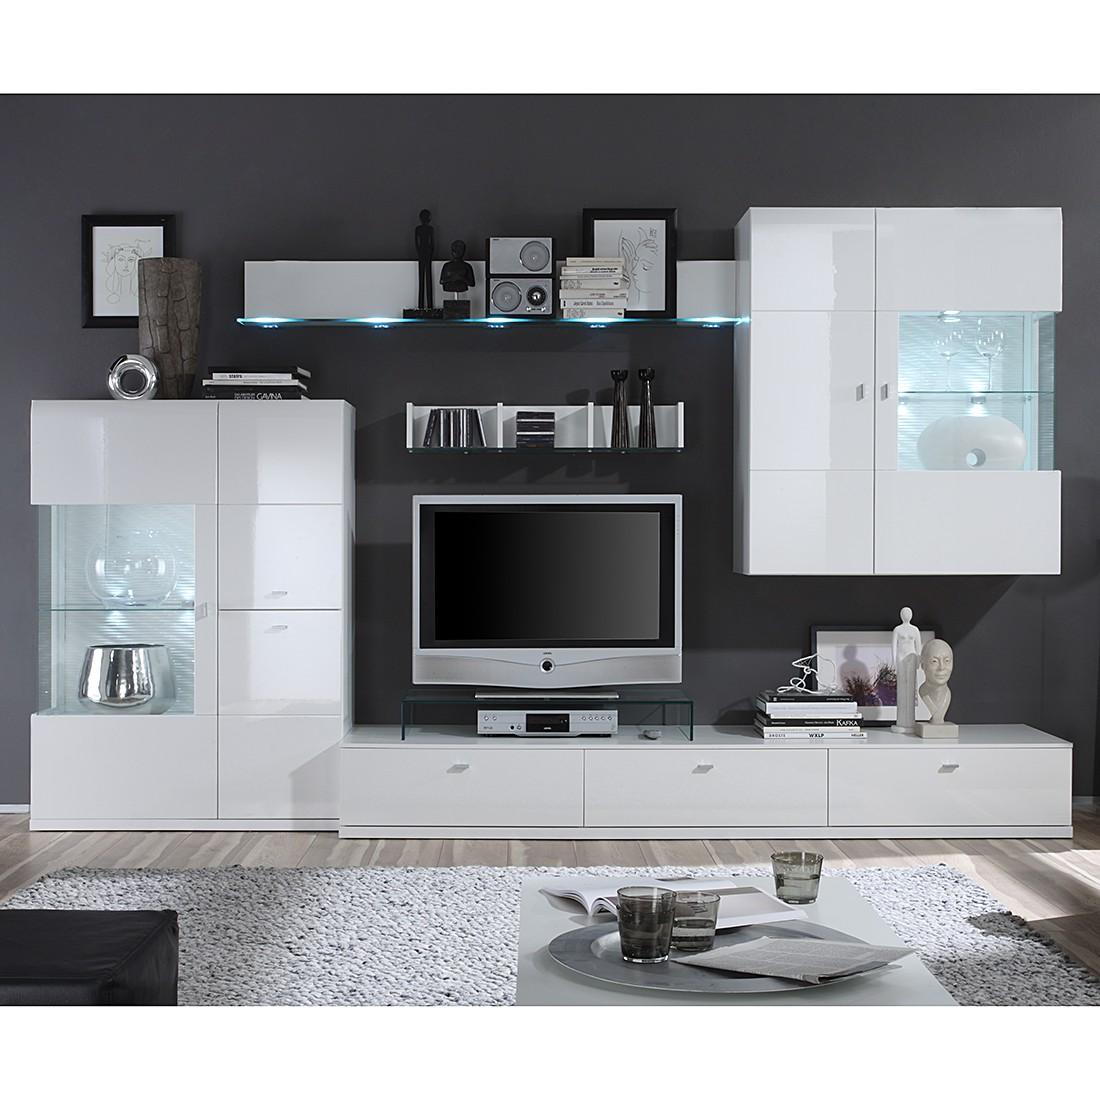 kerkhoff wohnwand wei interessante ideen f r die gestaltung eines raumes in. Black Bedroom Furniture Sets. Home Design Ideas